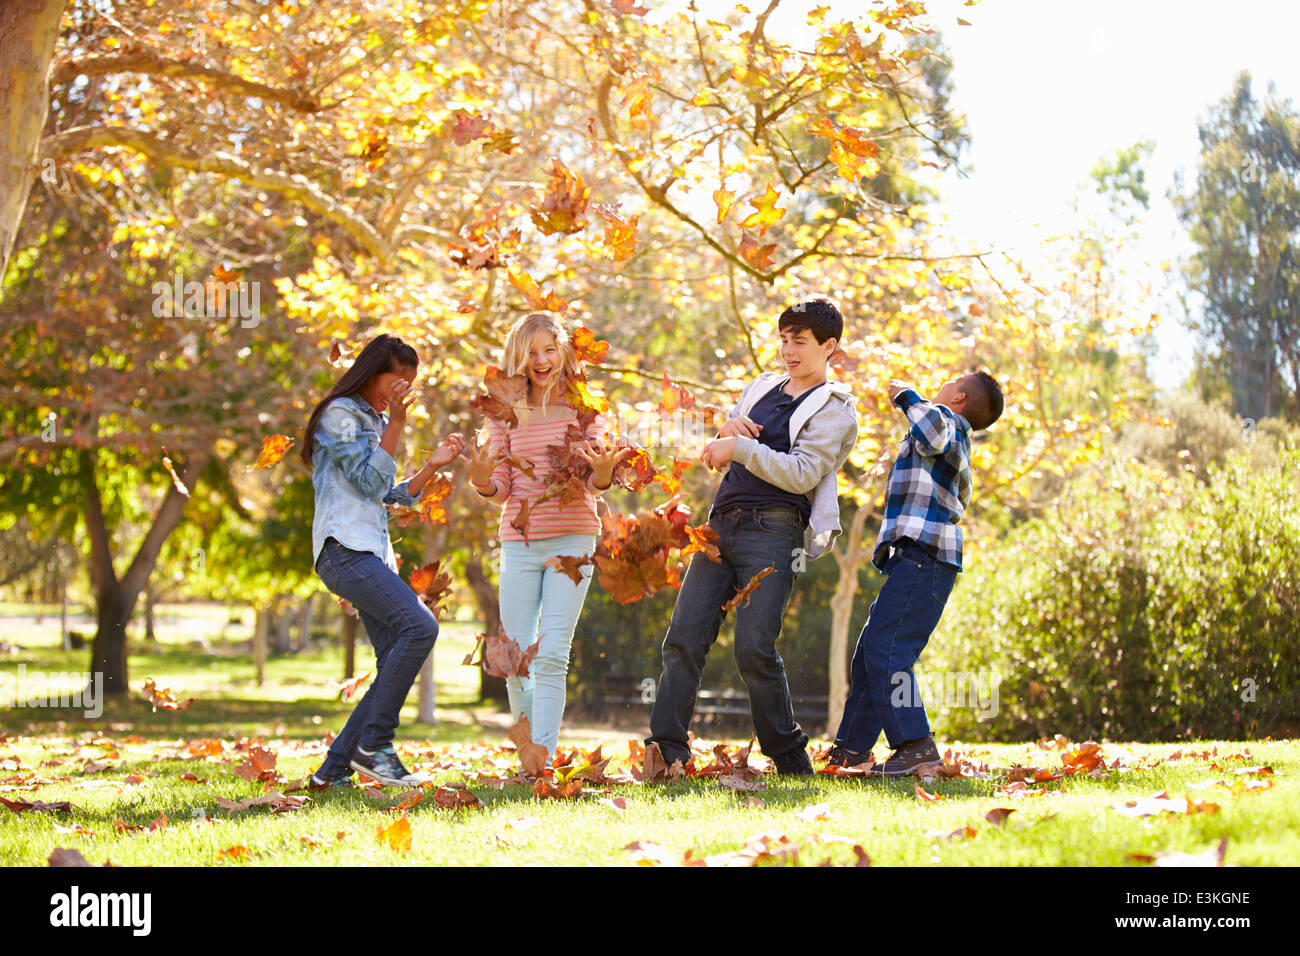 Vier Kinder, die Blätter im Herbst In die Luft werfen Stockbild